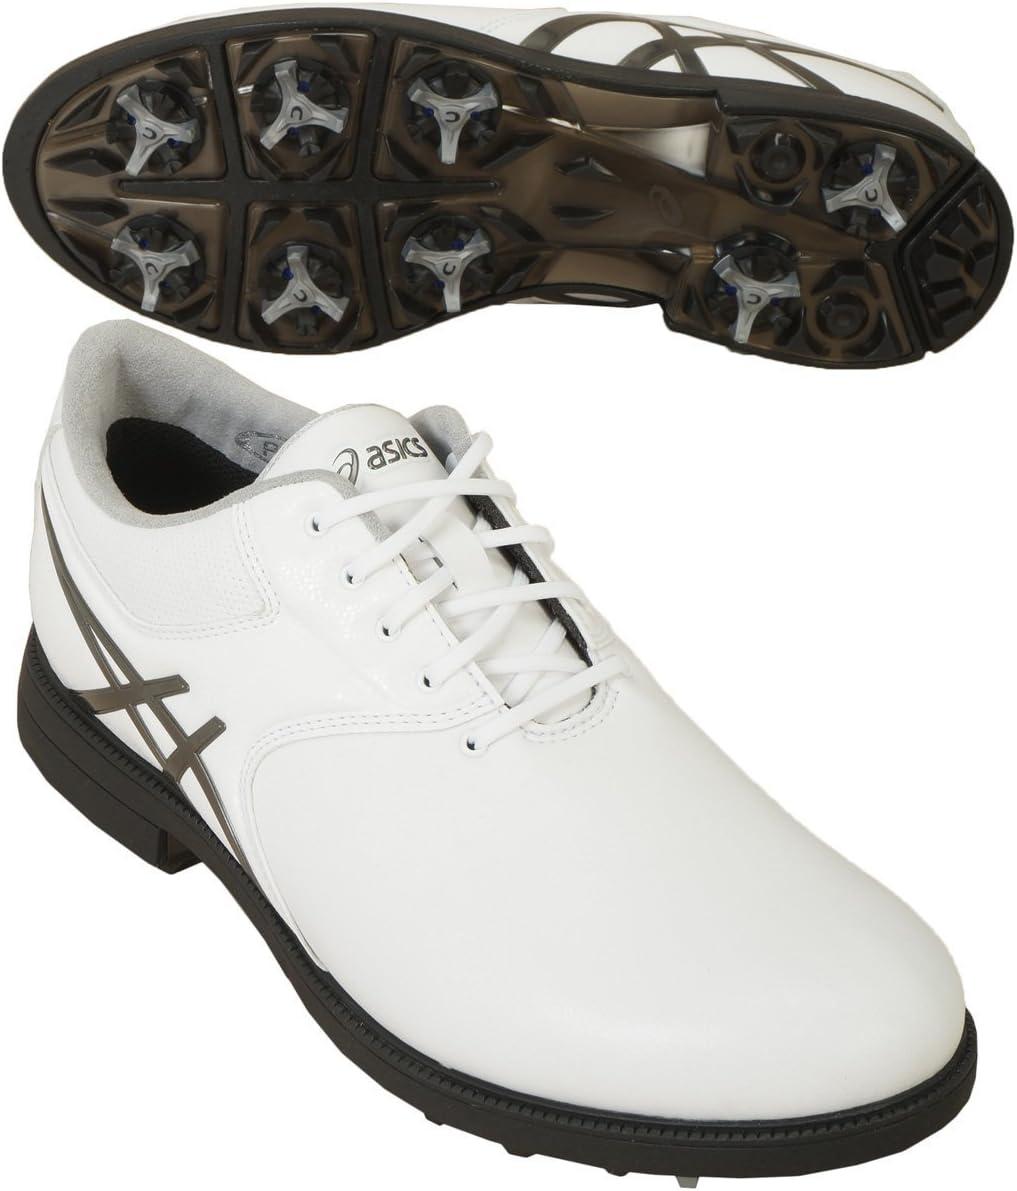 asics(アシックス) ゲルエース レジェンドマスター2 ゴルフシューズ  TGN918 ホワイト/ガンメタル 27.5cm